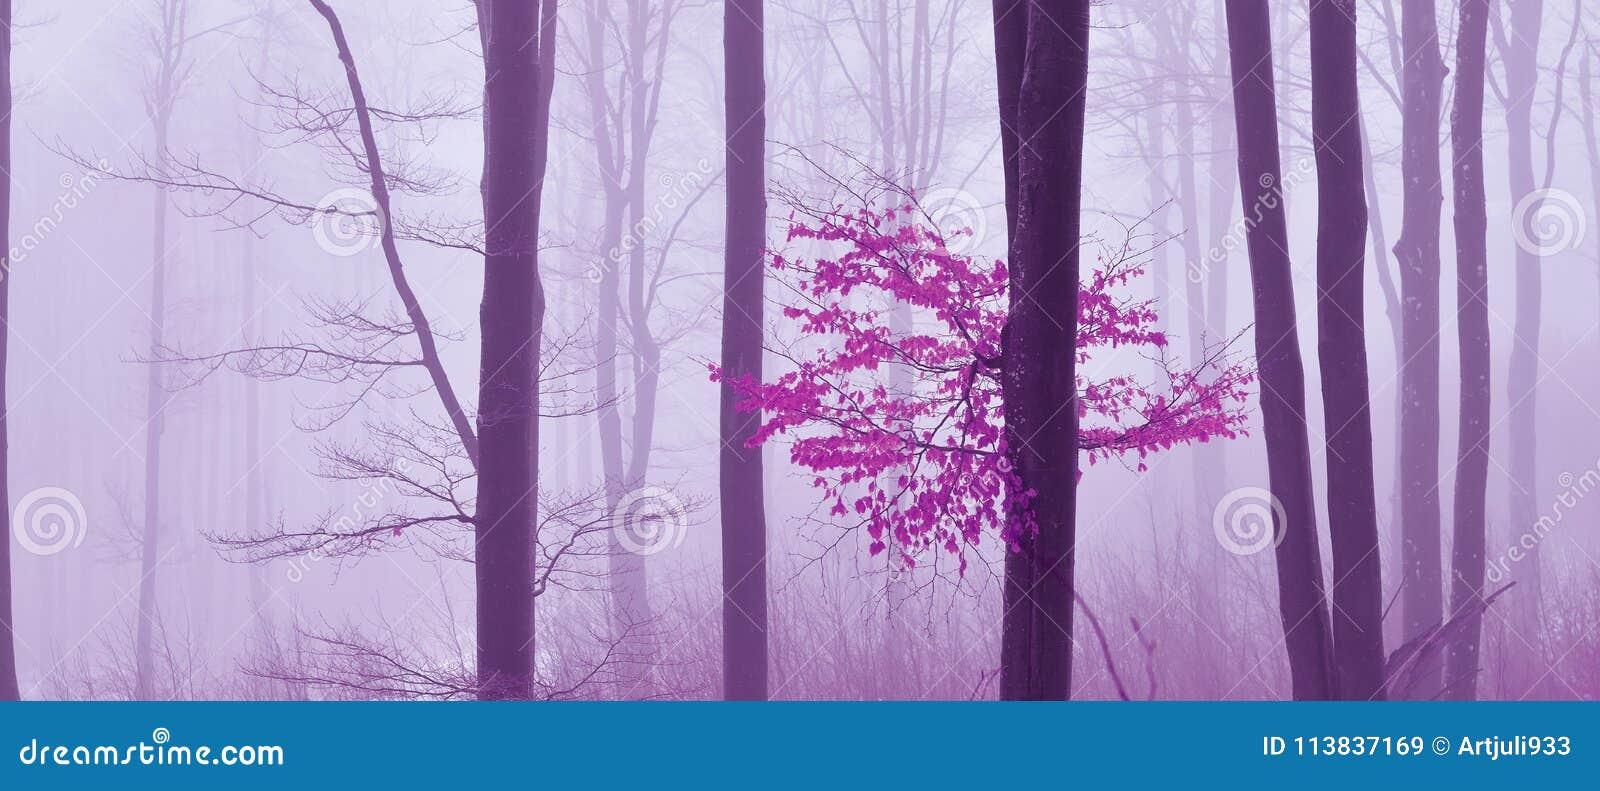 Niebla en el fondo místico coloreado bosque Papel pintado artístico forestMagic mágico fairytale Sueño, línea Árbol en un de nieb